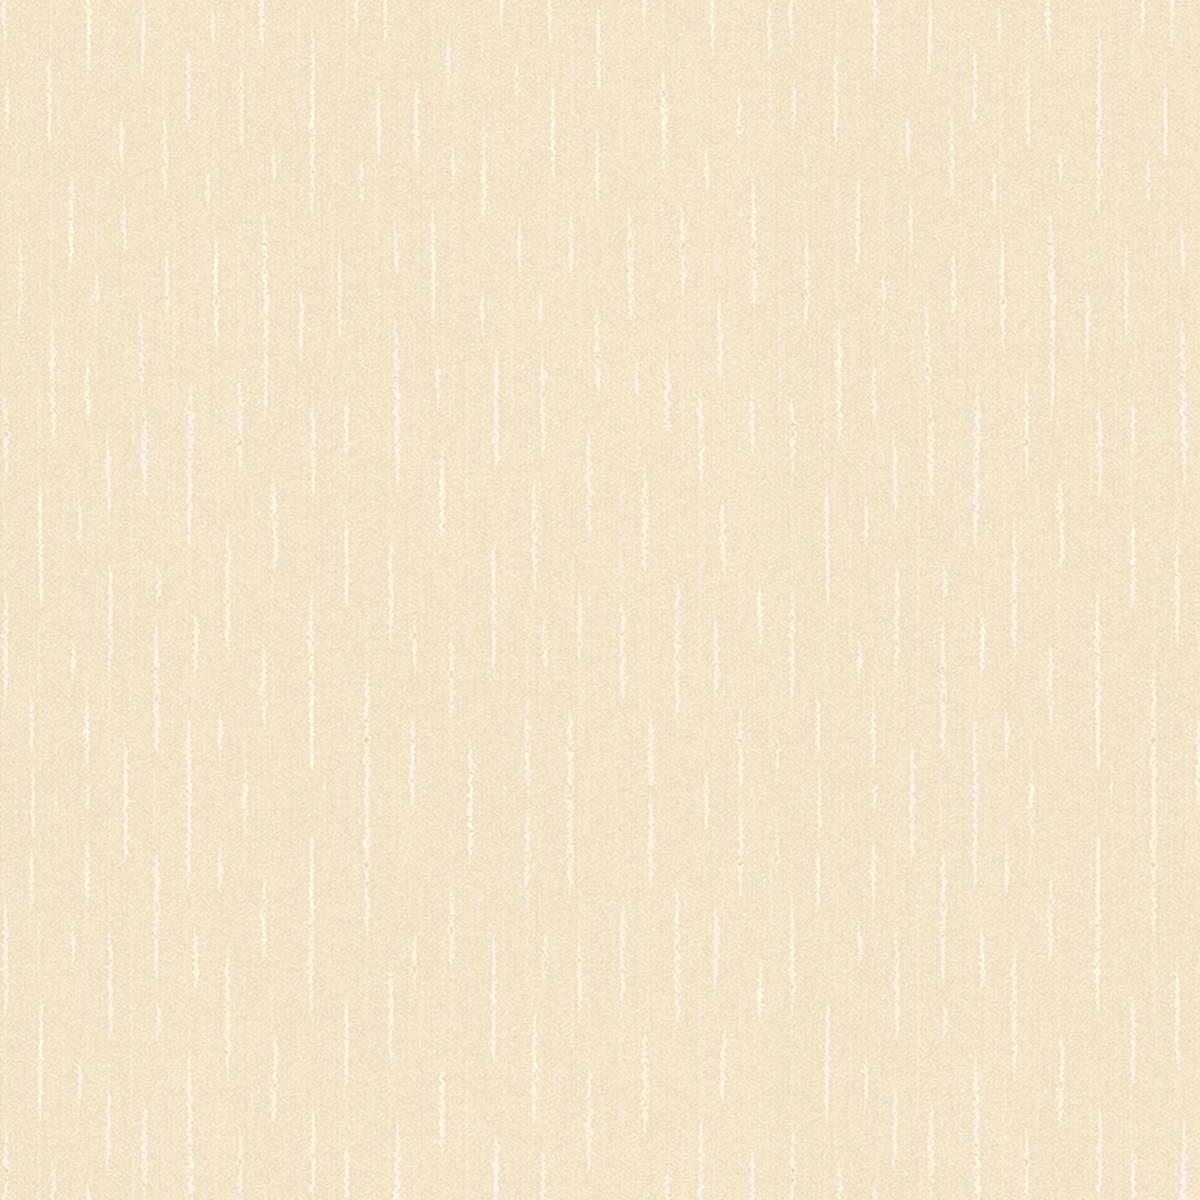 тапет Монтего текстилни рески крем